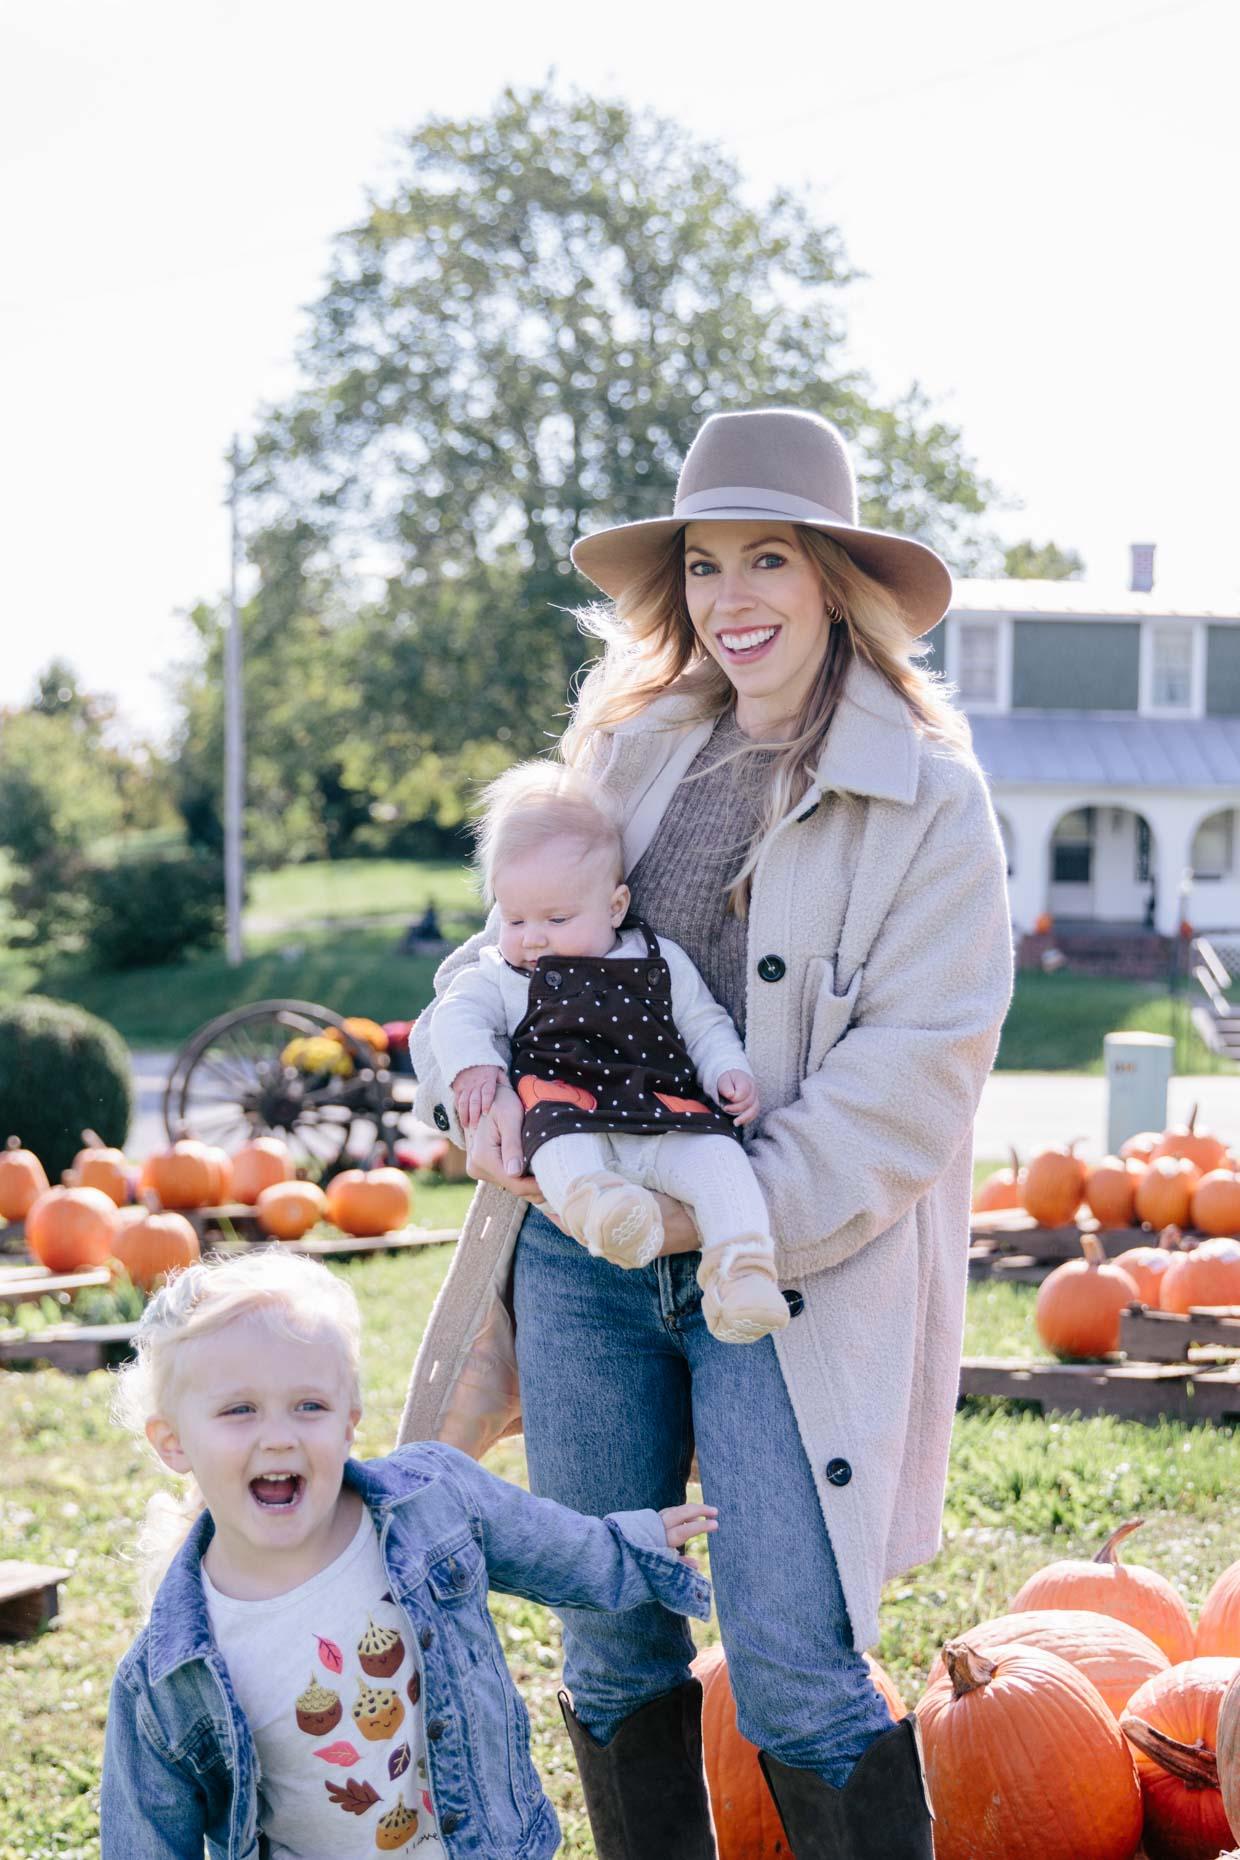 Meagan Brandon of Meagan's Moda shares outfit ideas for pumpkin patch photos